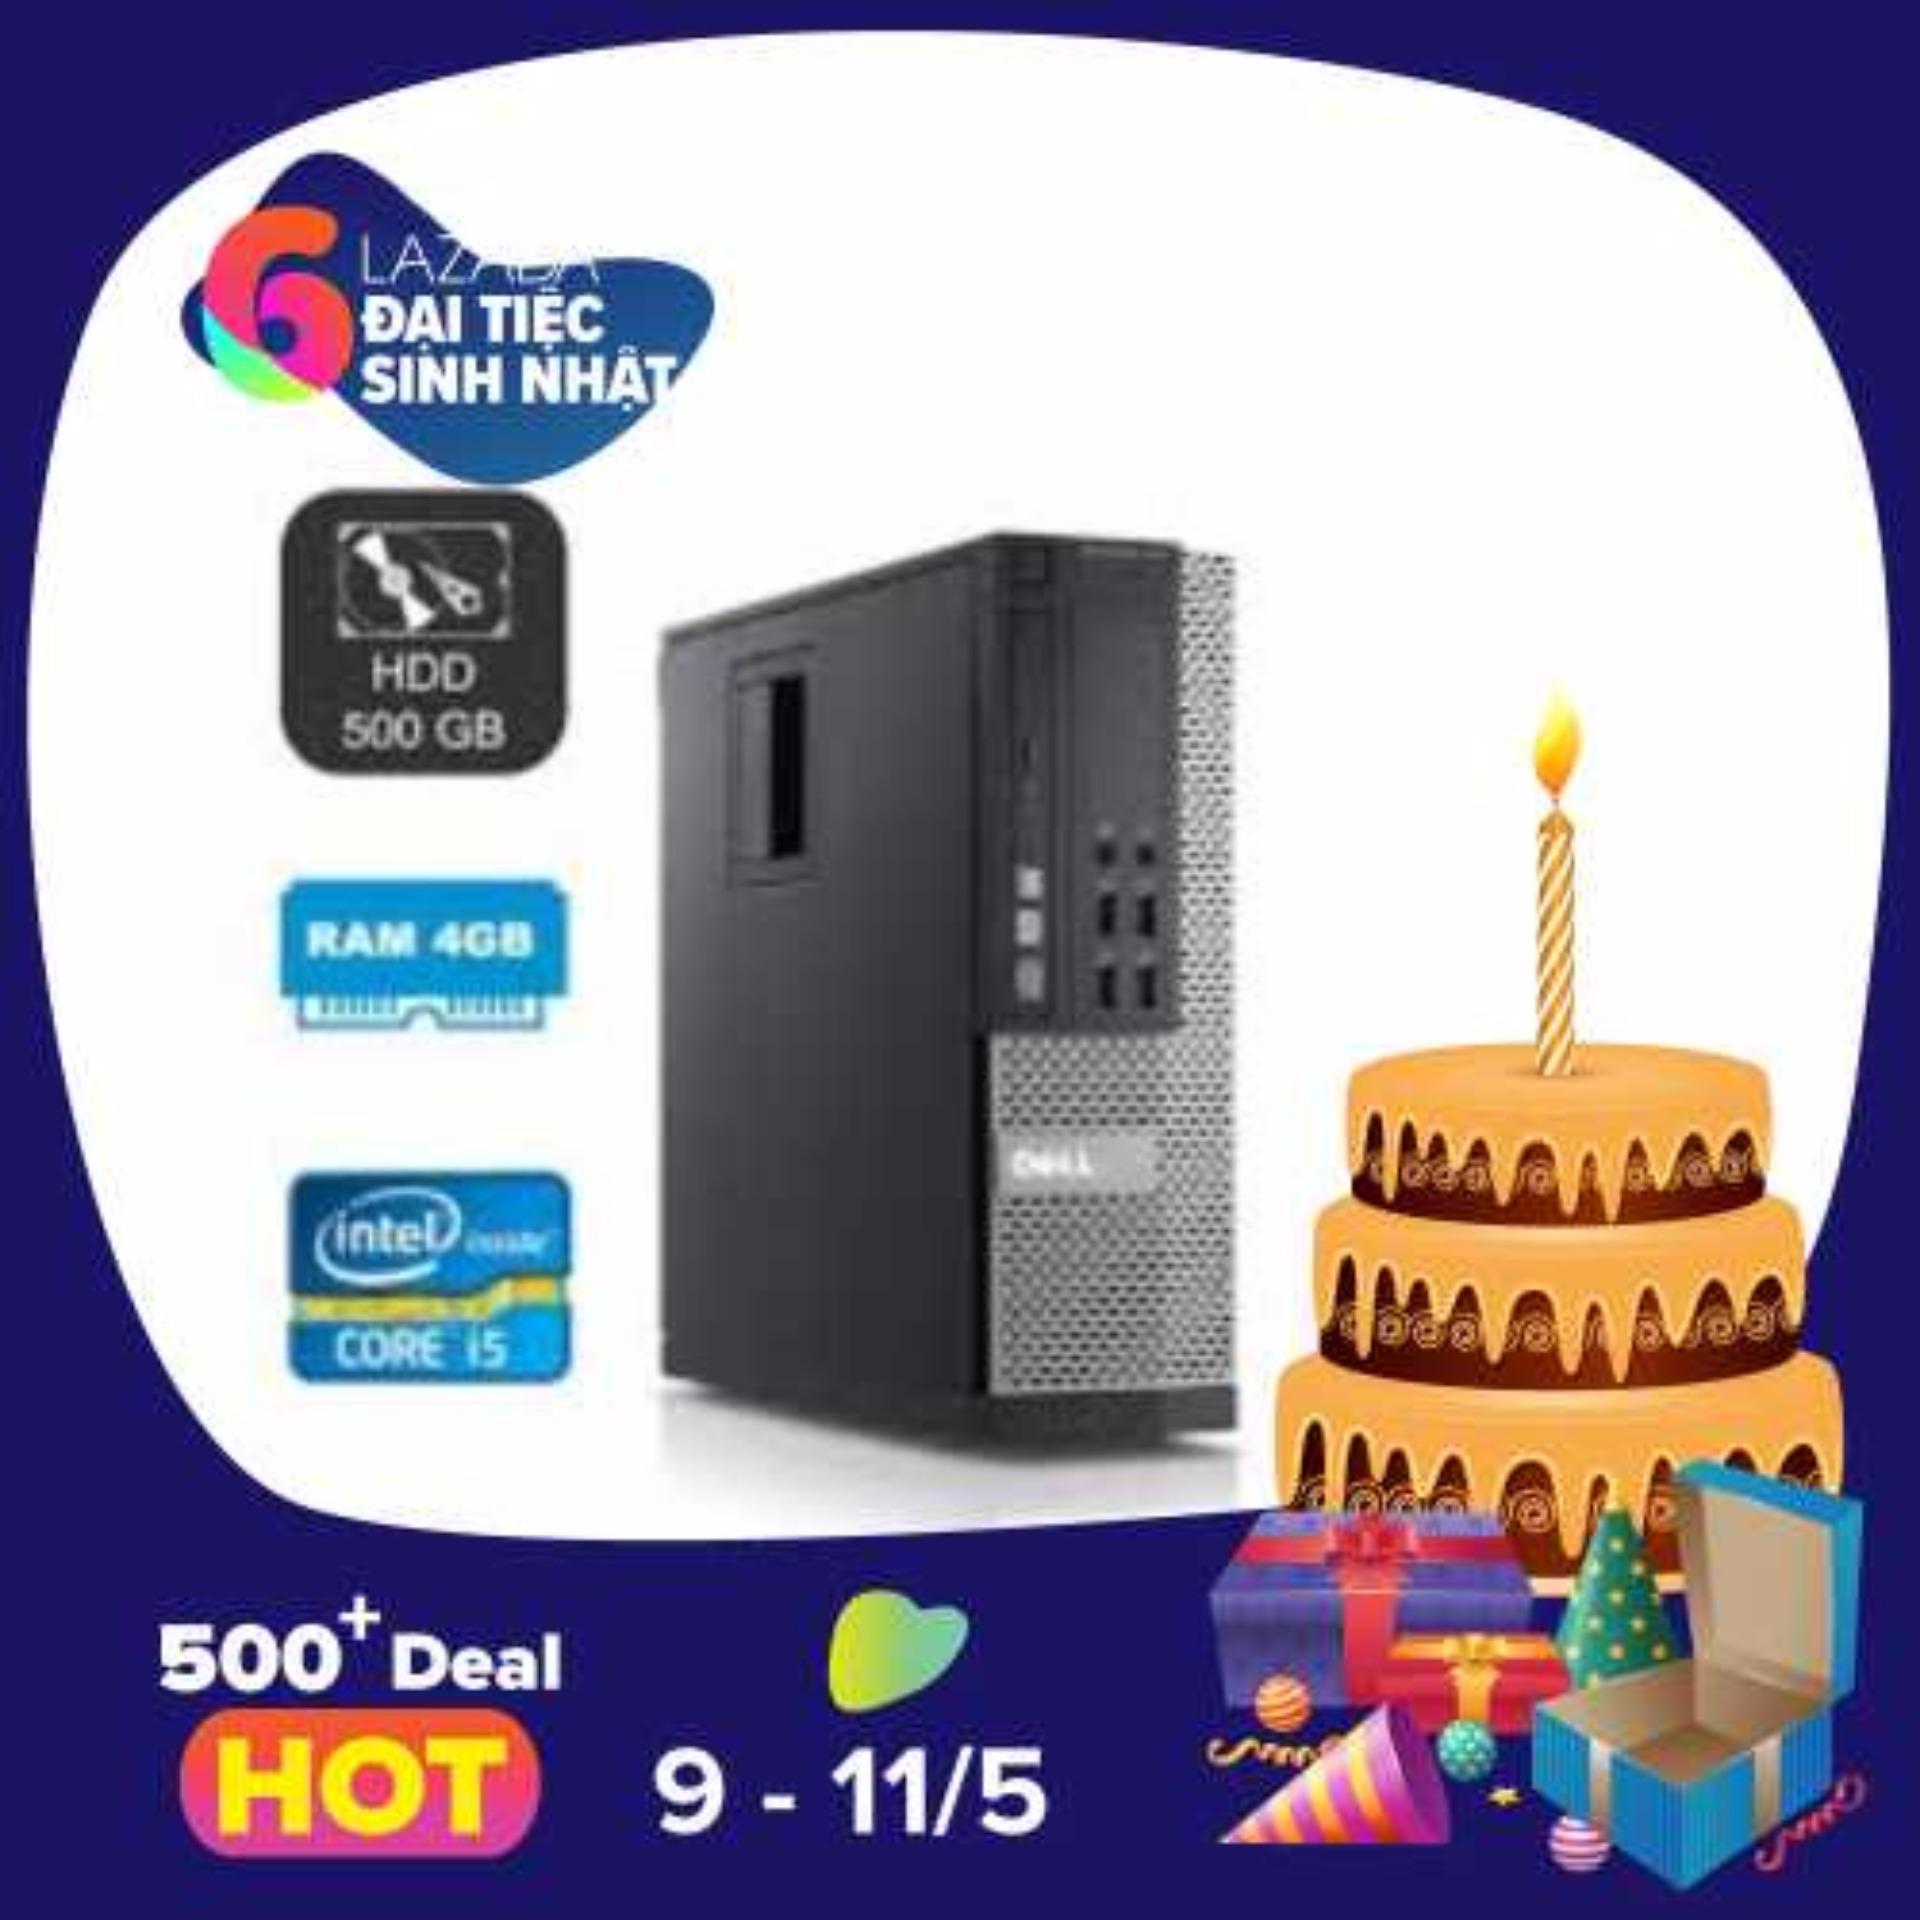 Bán May Tinh Đồng Bộ Dell Optiplex 990 Core I5 Ram 4Gb Hdd 500Gb Dell Nguyên